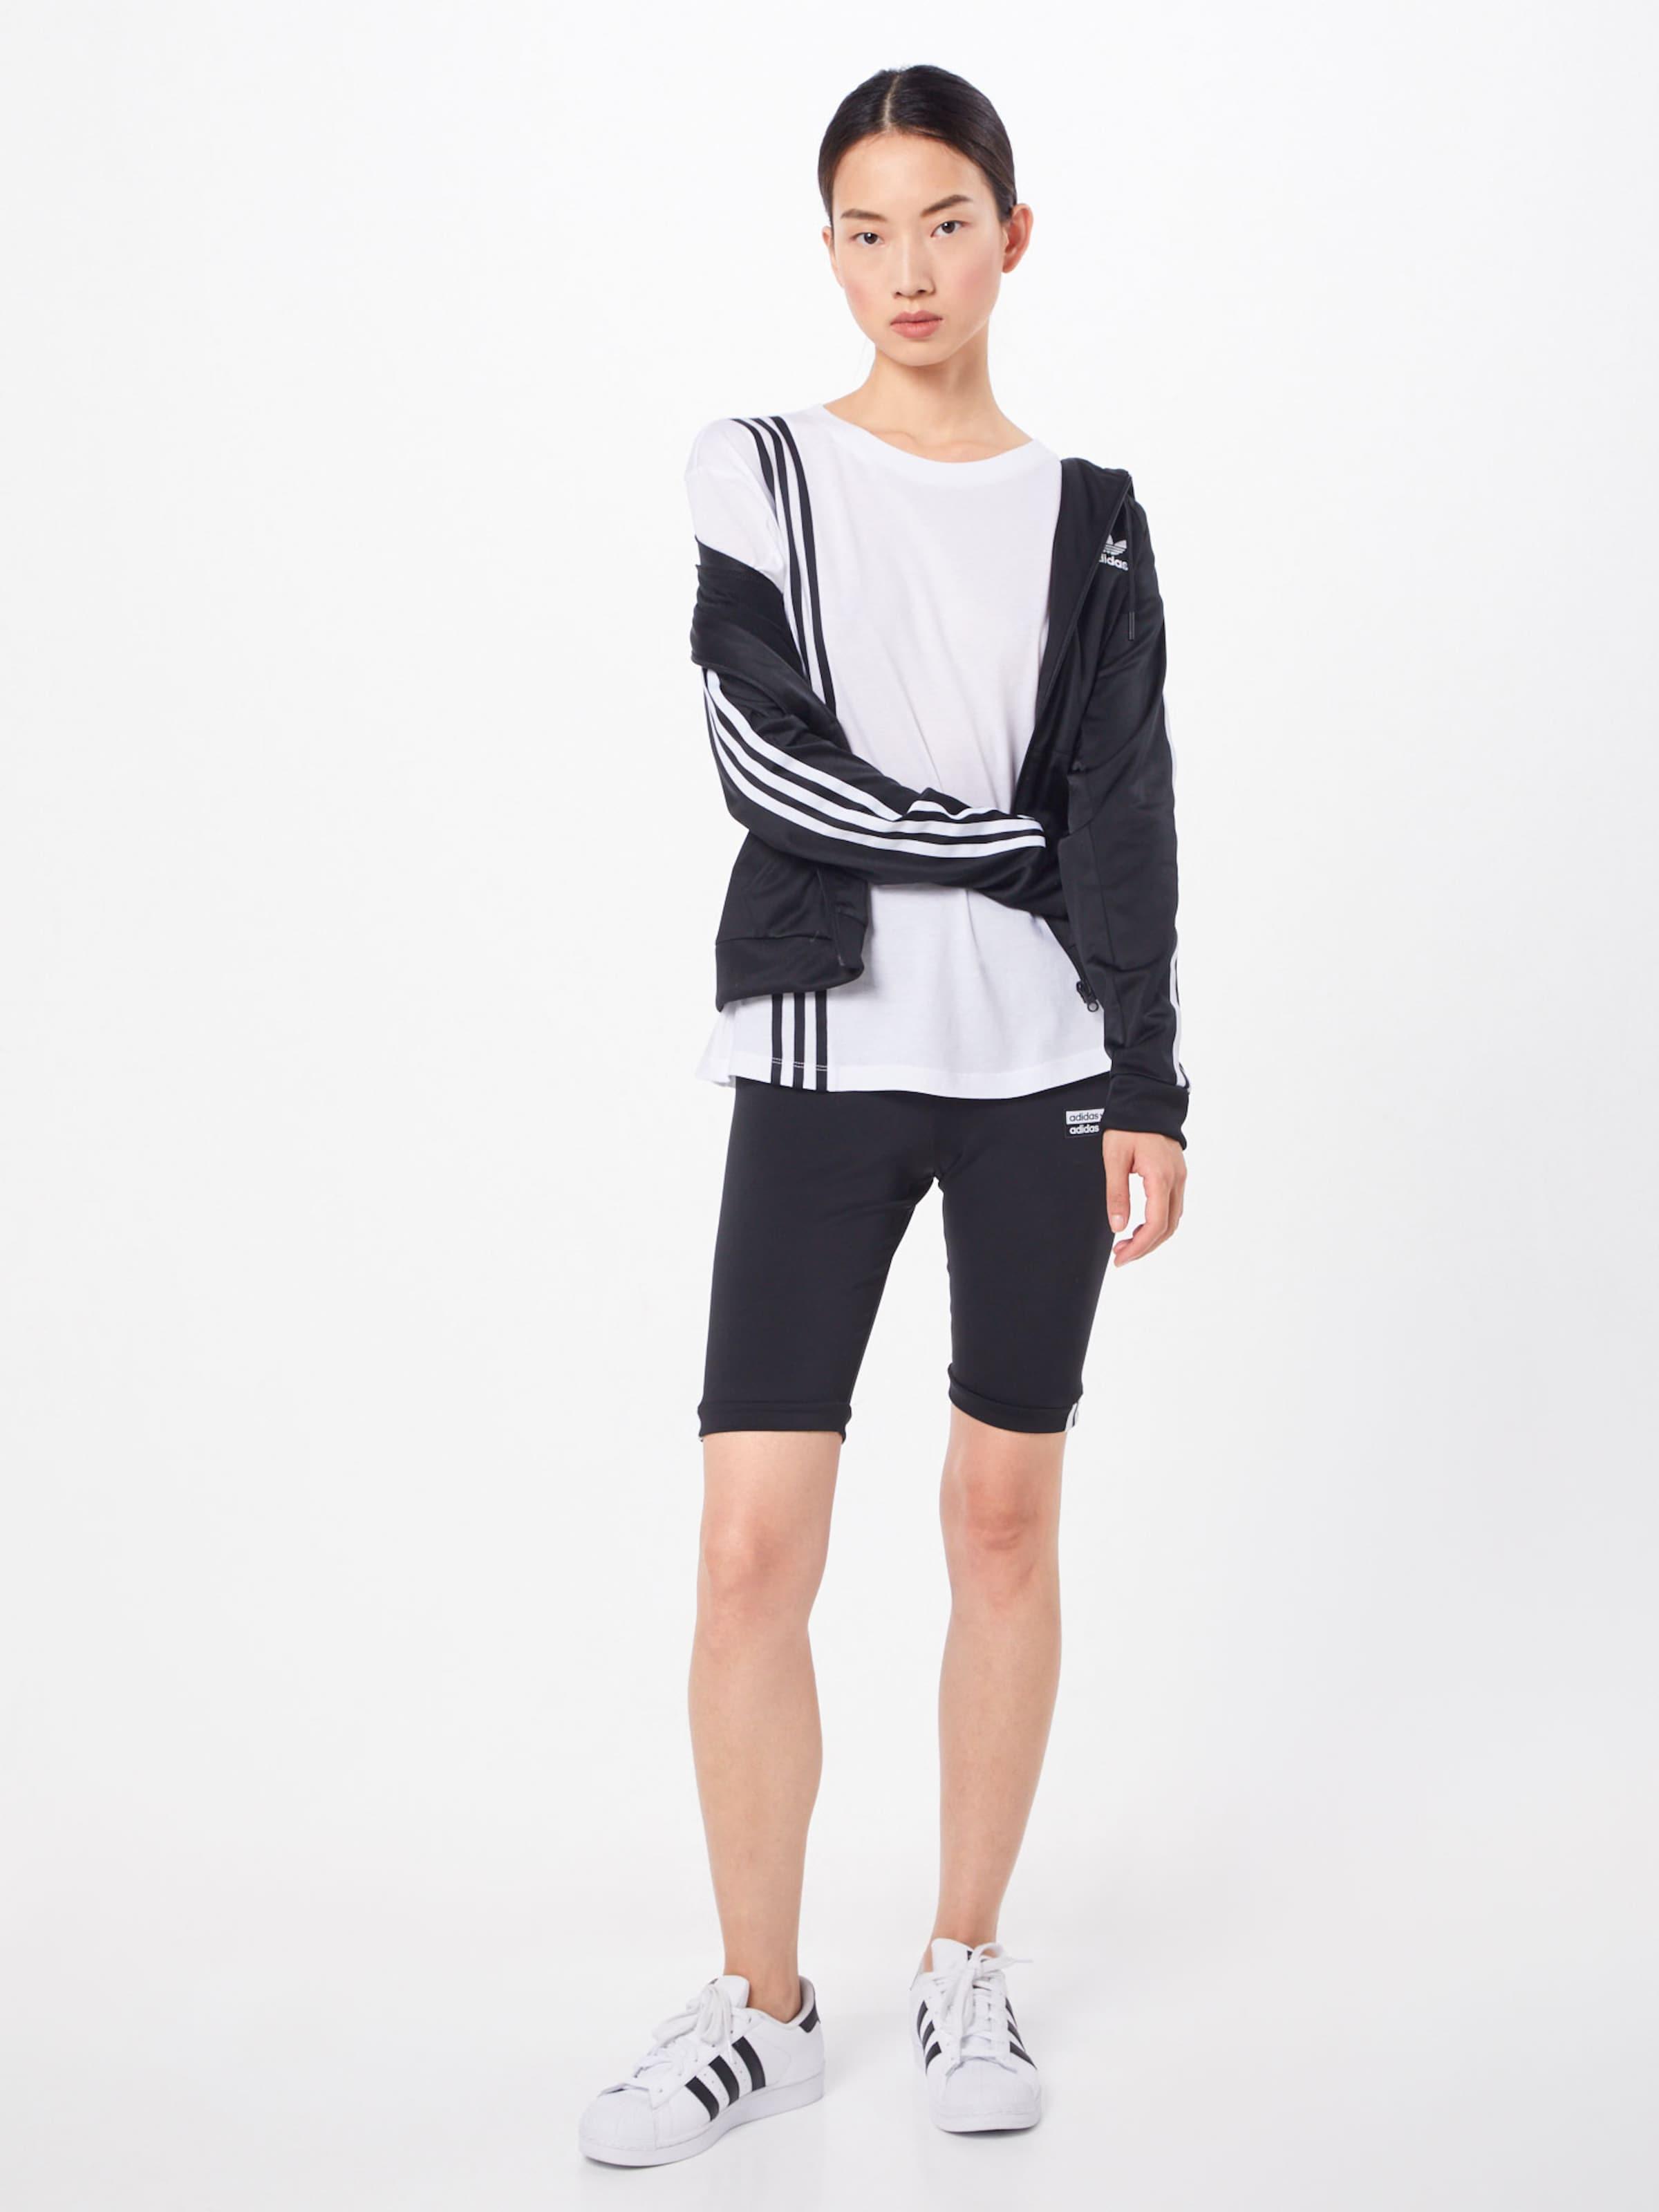 En shirt Originals NoirBlanc T Adidas 'tlrd' QBtrdxohsC